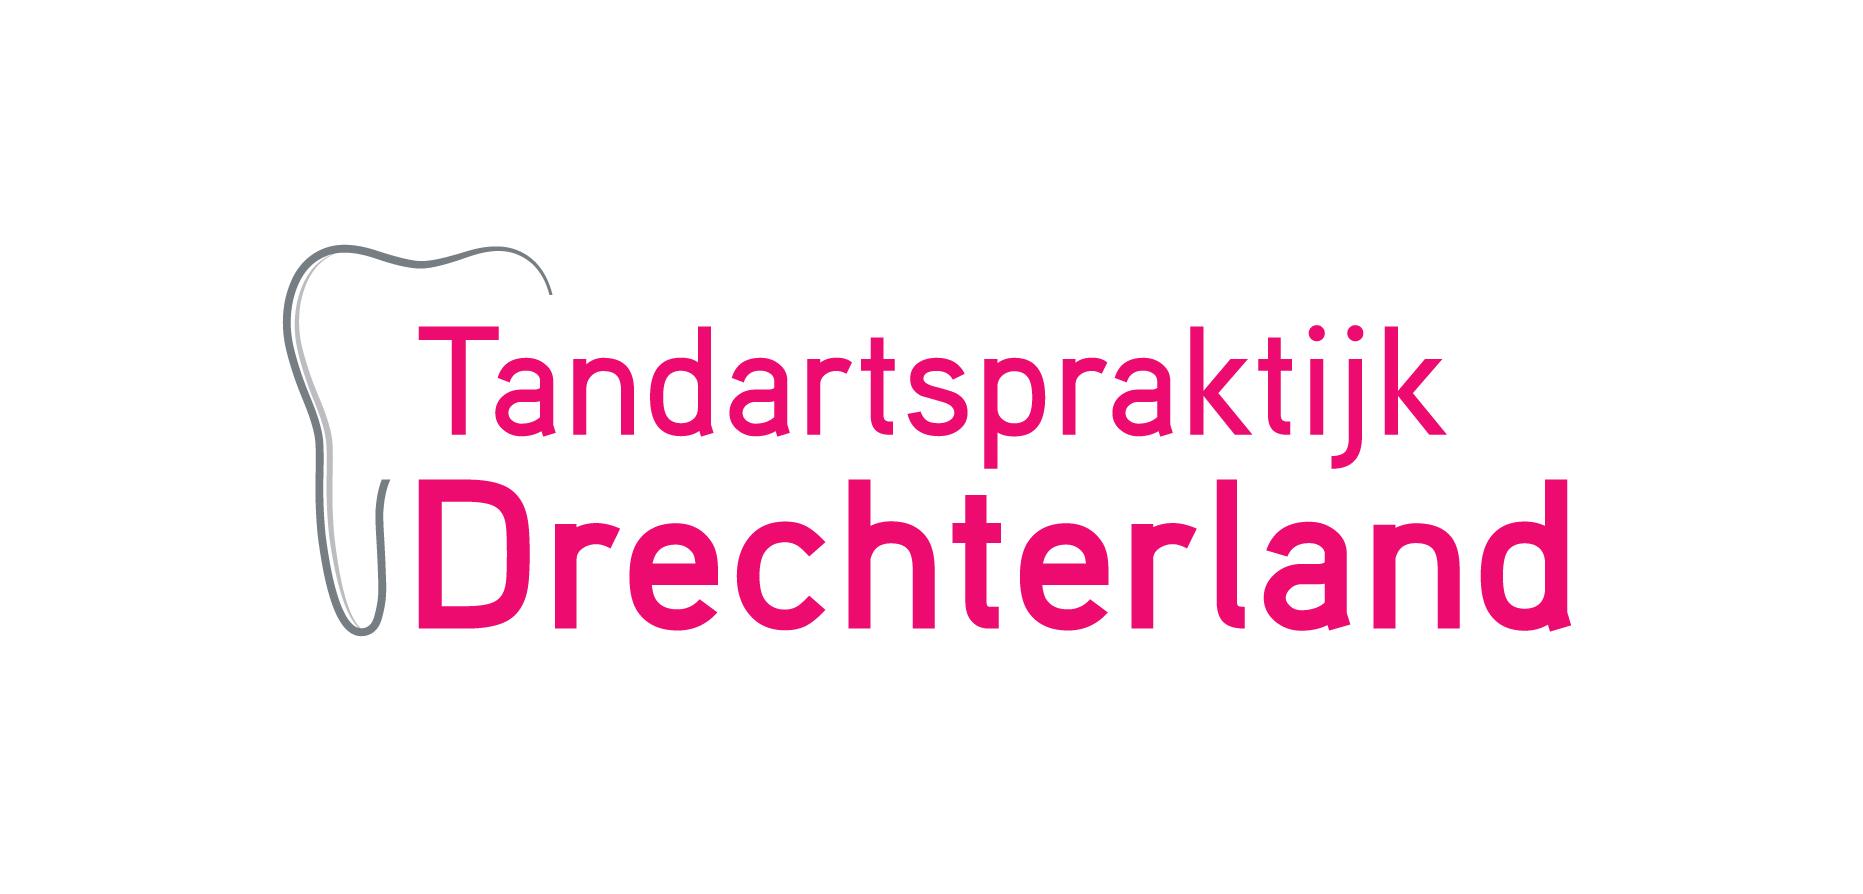 Tandartspraktijk Drechterland